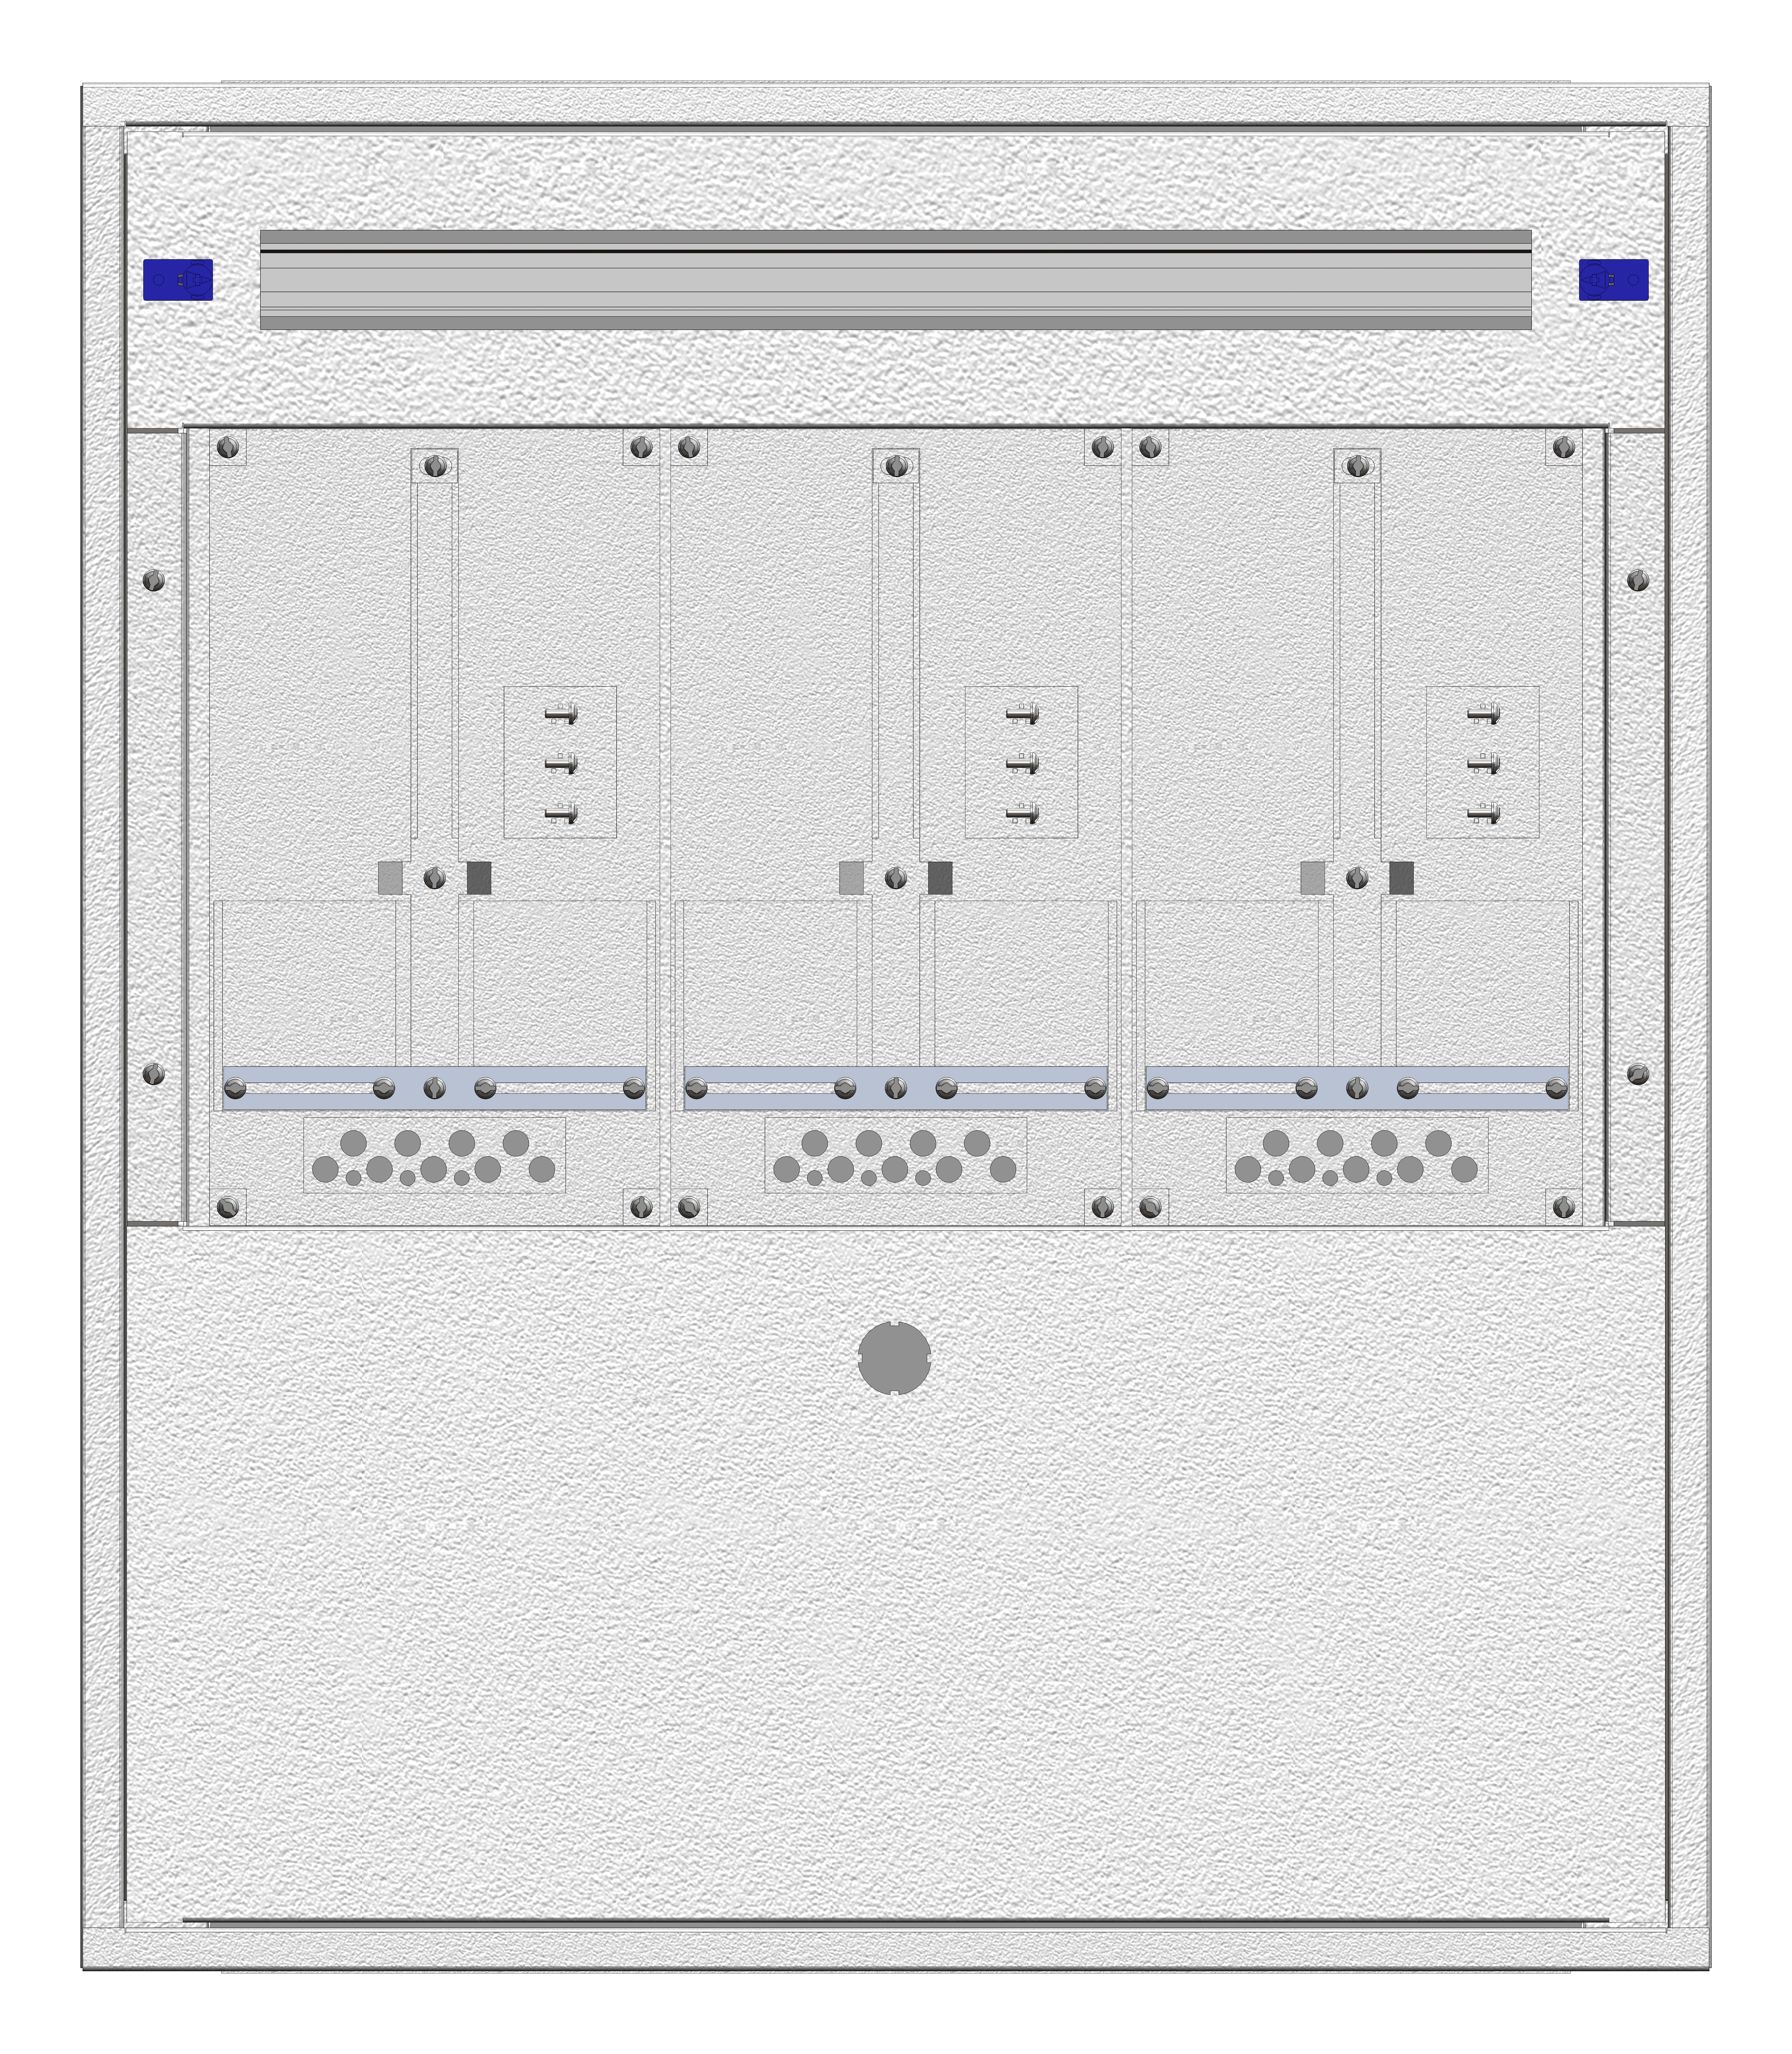 1 Stk Zählerverteiler Einsatz 3-18E, 3 Zählerplätze, BGLD IL419318--